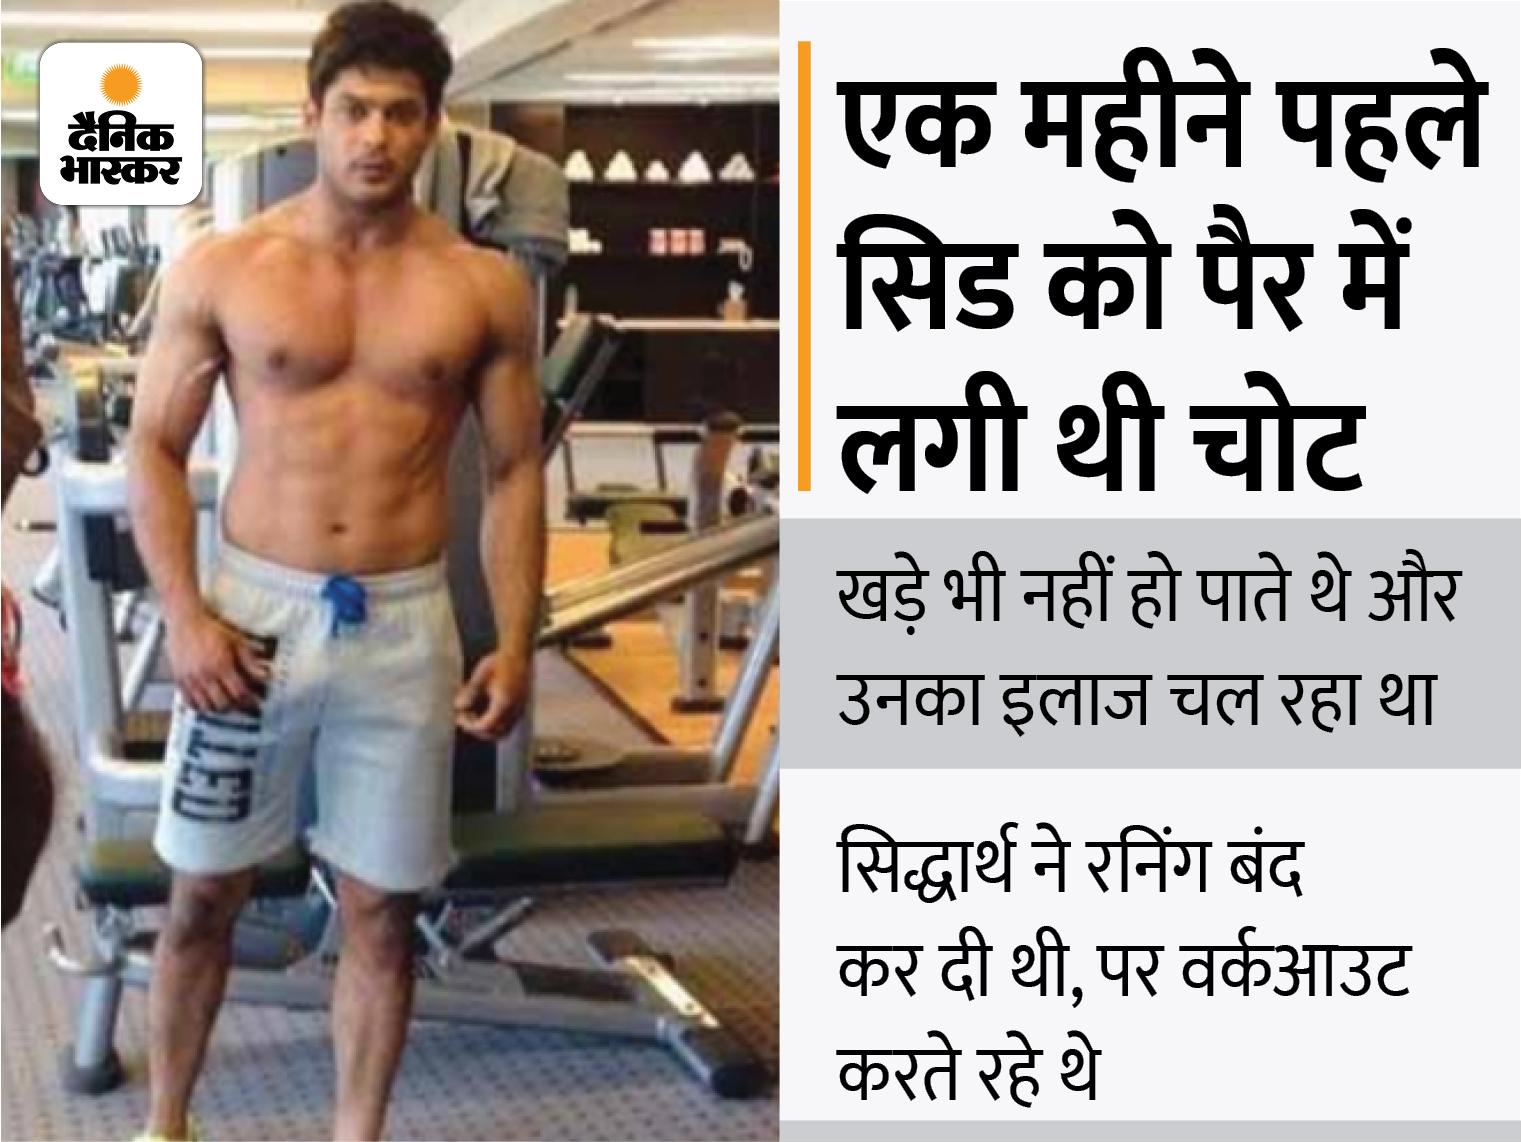 सिद्धार्थ शुक्ला के जिम ट्रेनर सोनू चौरसिया ने कहा-'सिड ने कभी कोई एस्टेरायड नहीं ली, कोरोना नहीं हुआ उन्हें, लेकिन उन्होंने वैक्सीन भी नहीं ली थी' बॉलीवुड,Bollywood - Dainik Bhaskar